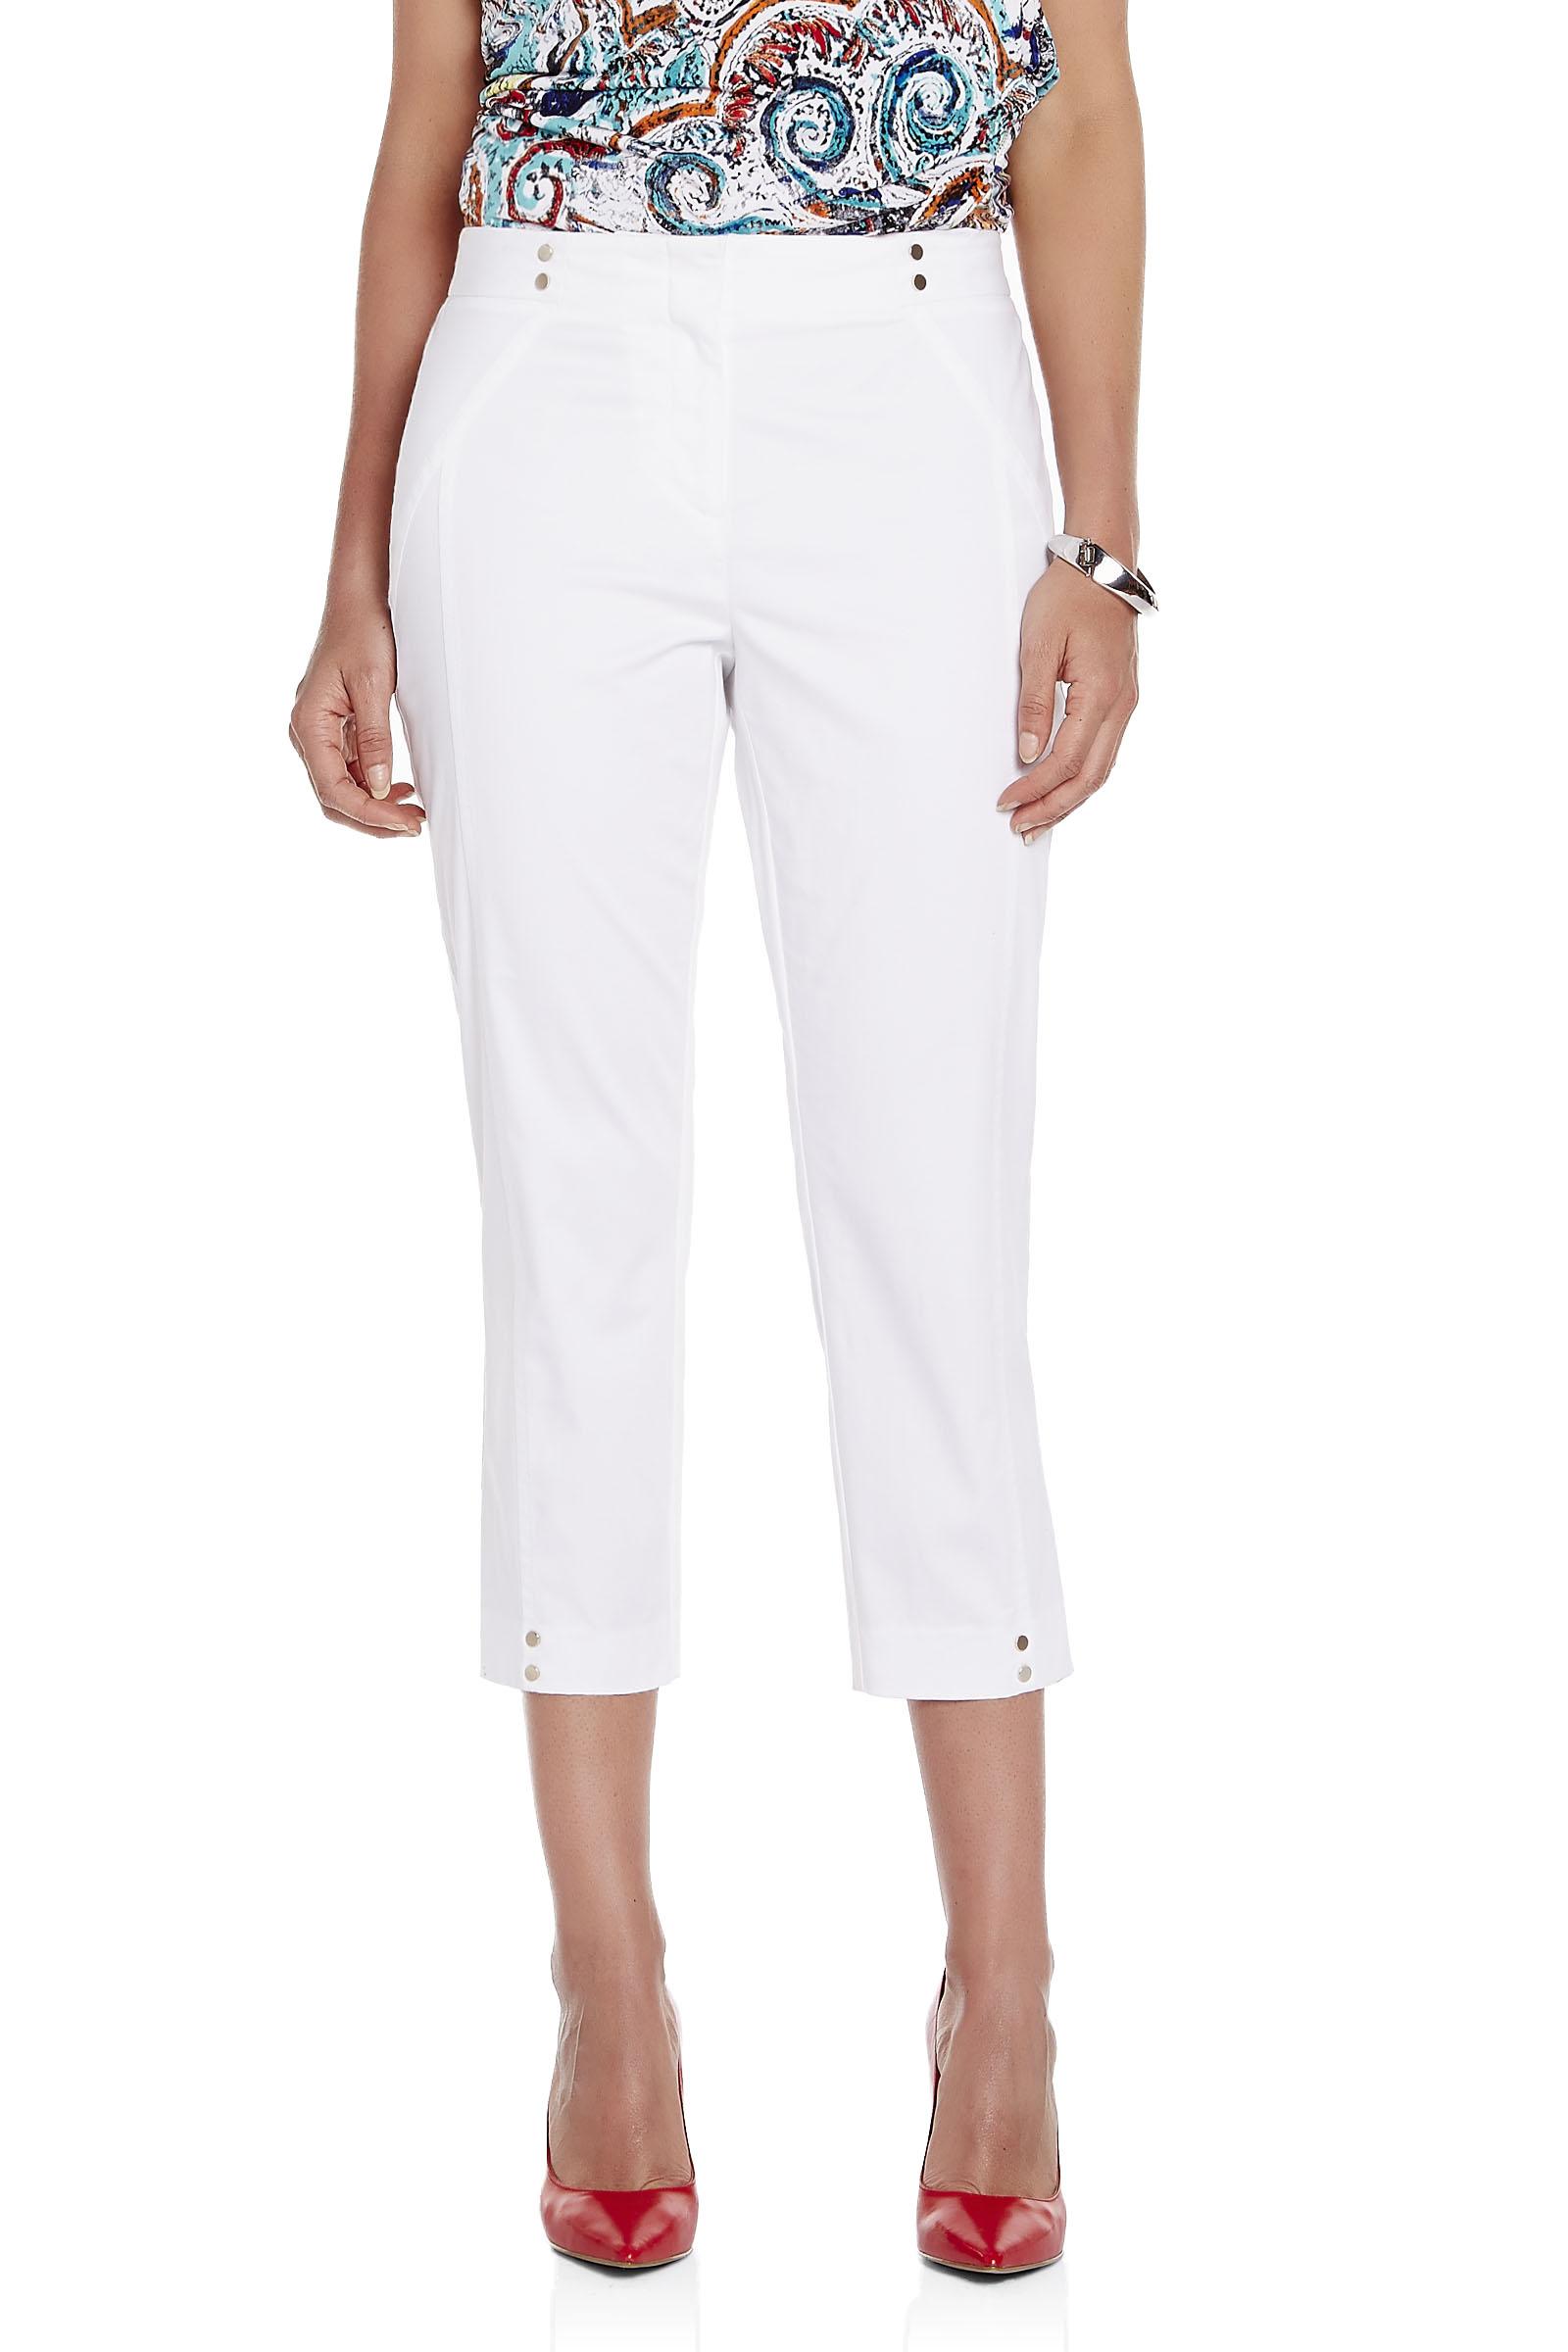 Snap Detail Cotton Sateen Capri Pants | FREE Shipping* | Melanie Lyne